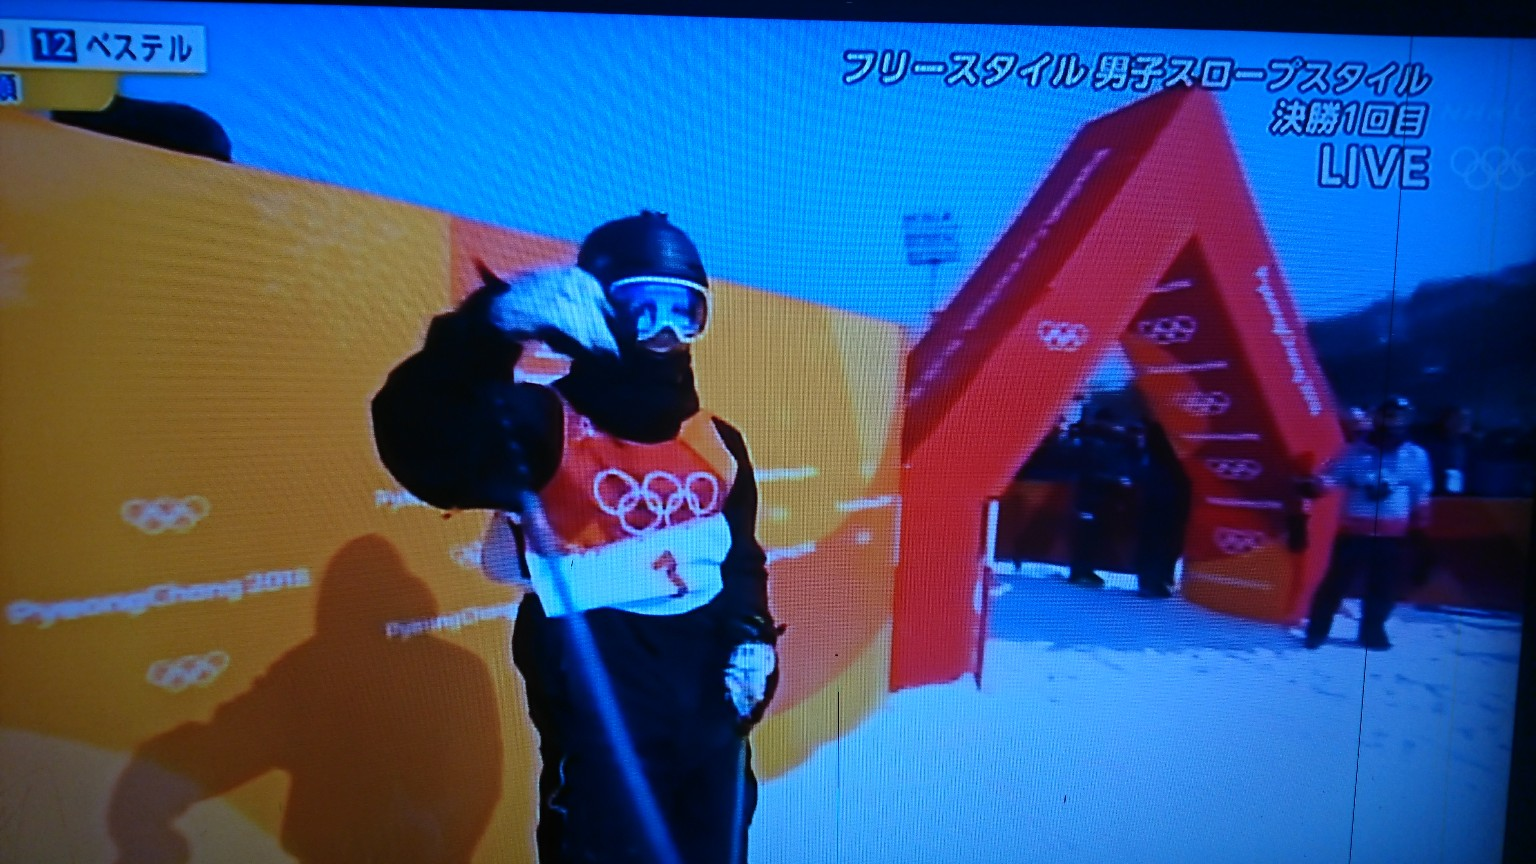 平昌オリンピック フリースタイルスキー男子スロープスタイル決勝1本目の速報!!